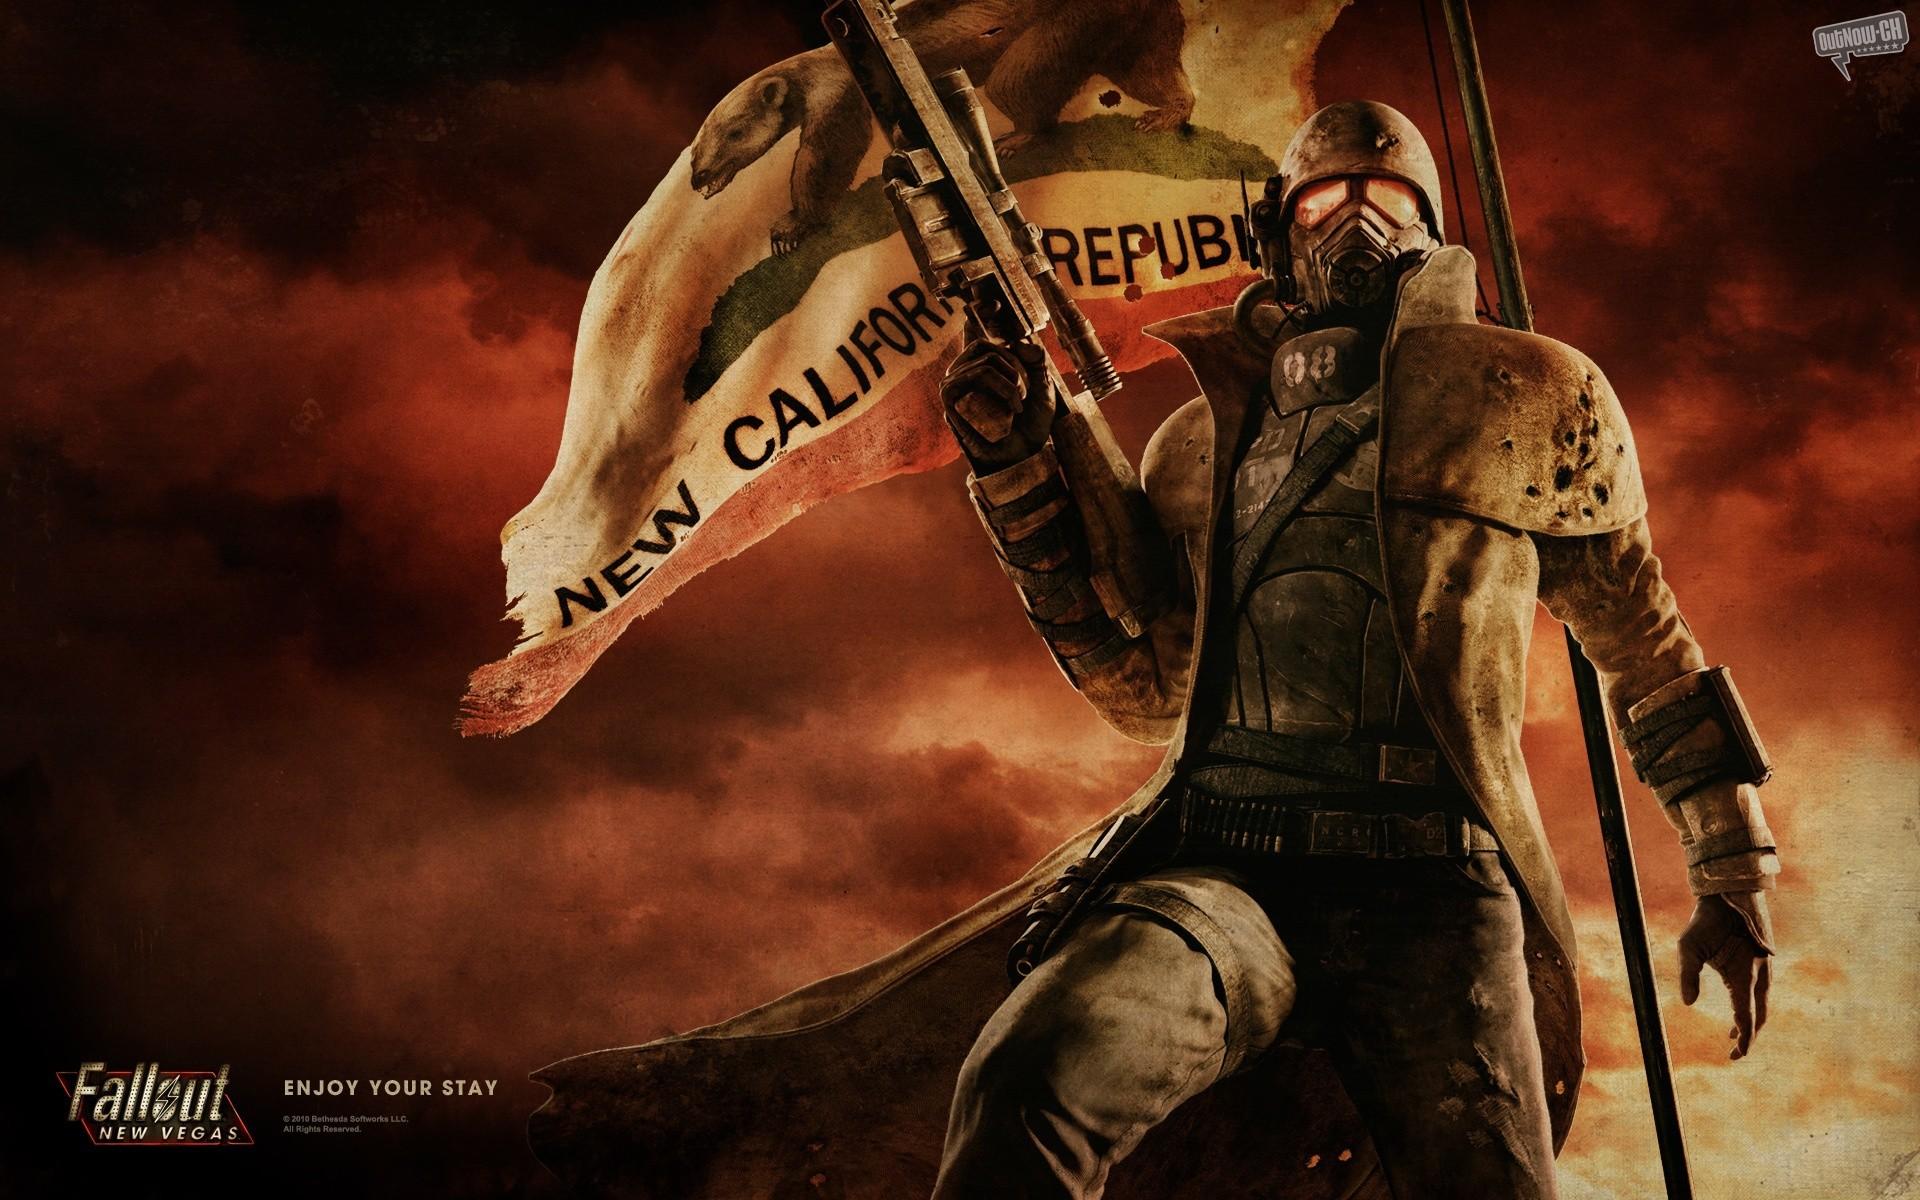 Fallout: New Vegas wallpapers   Fallout: New Vegas stock photos